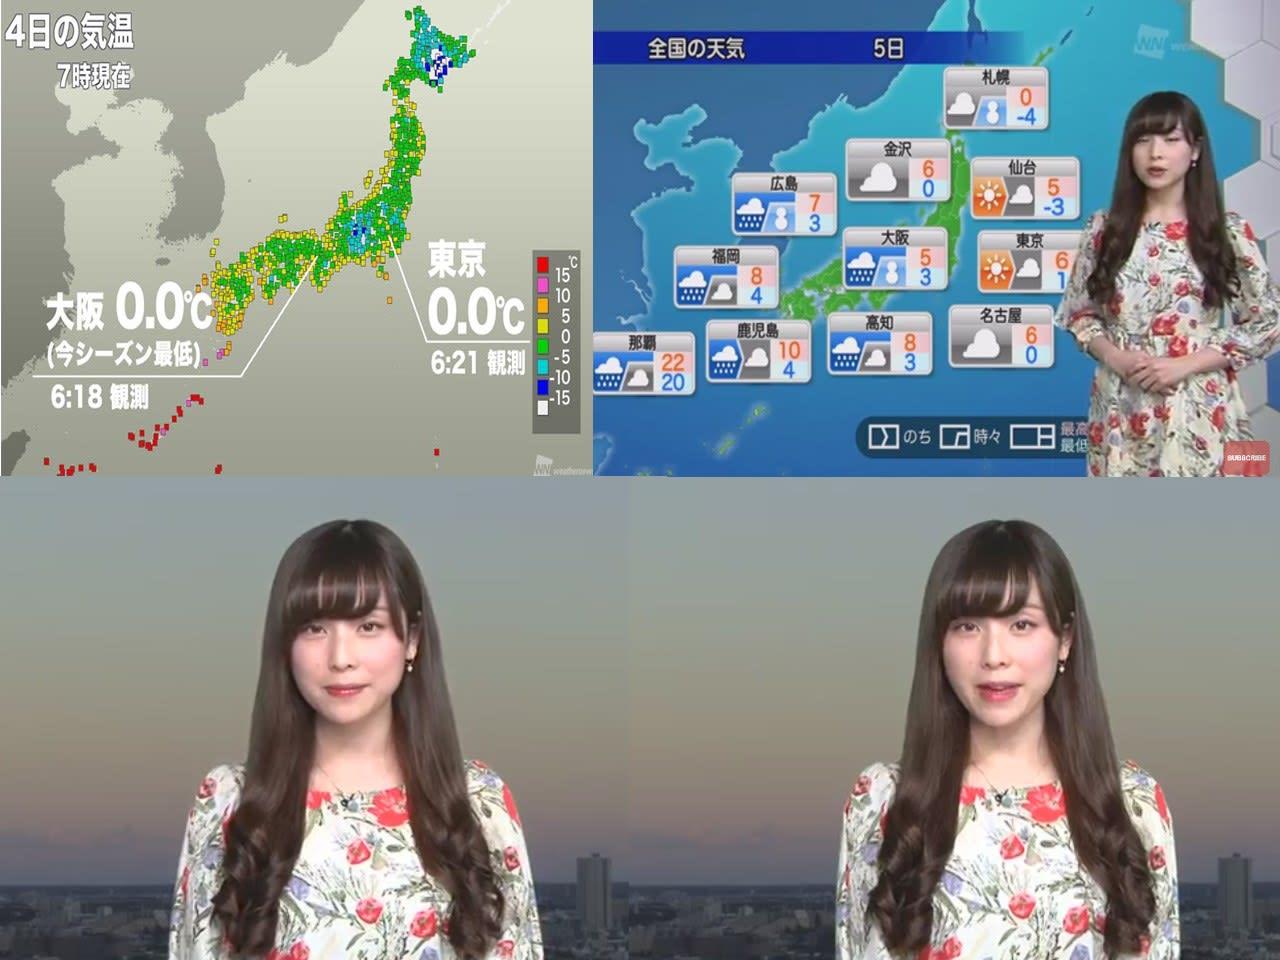 東京の月間天気予報 -